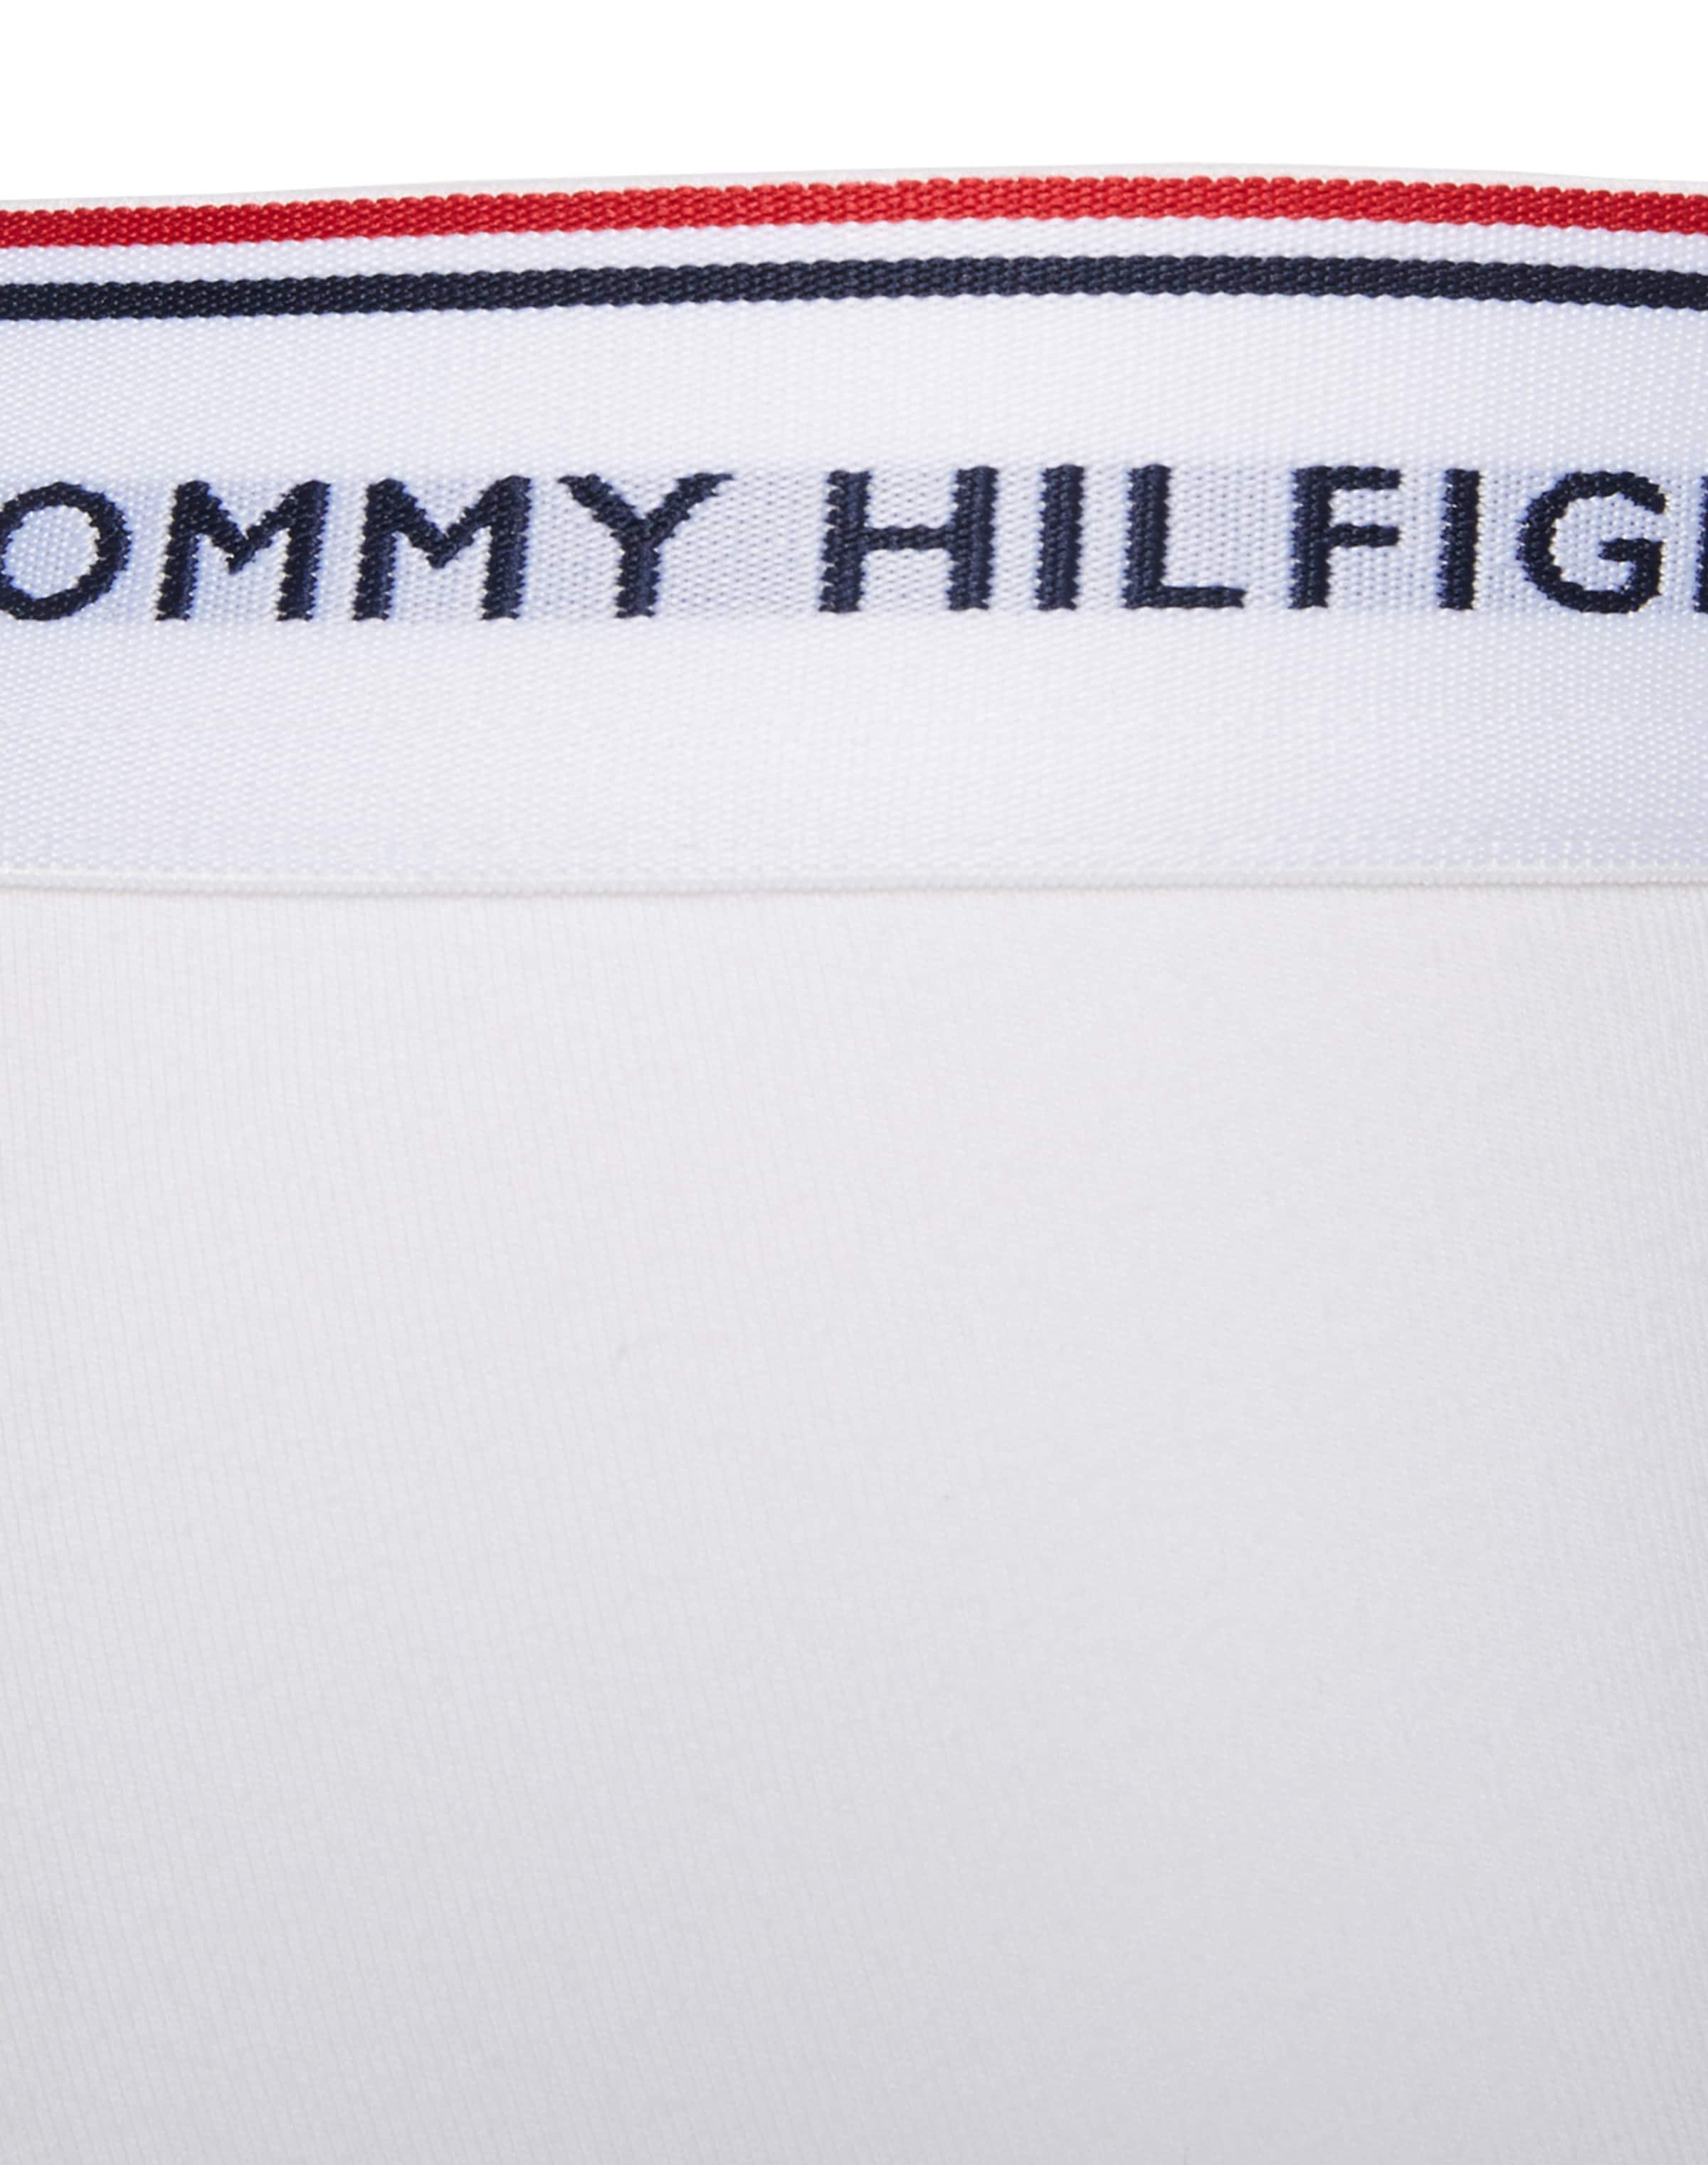 Die Günstigste Zum Verkauf Tommy Hilfiger Underwear Boxershorts 'Trunk' (3er Pack) Verkaufsshop Heißen Verkauf Online-Verkauf DiI1g